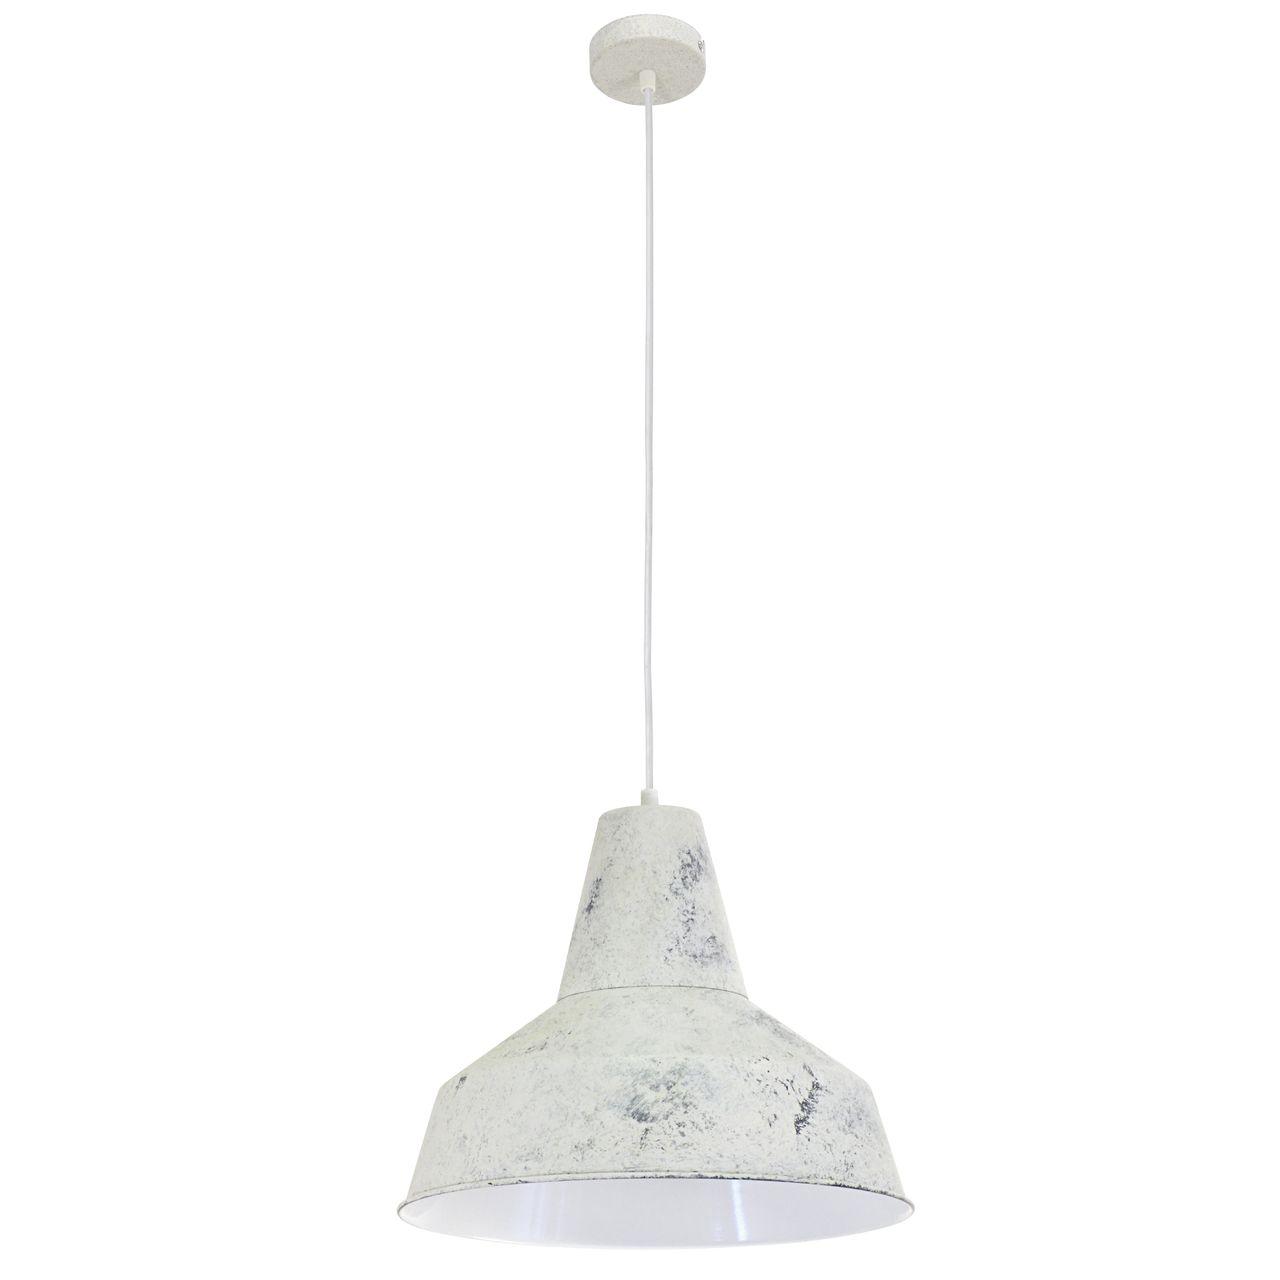 Подвесной светильник Eglo Vintage 49249 eglo подвесной светильник eglo vintage 49212